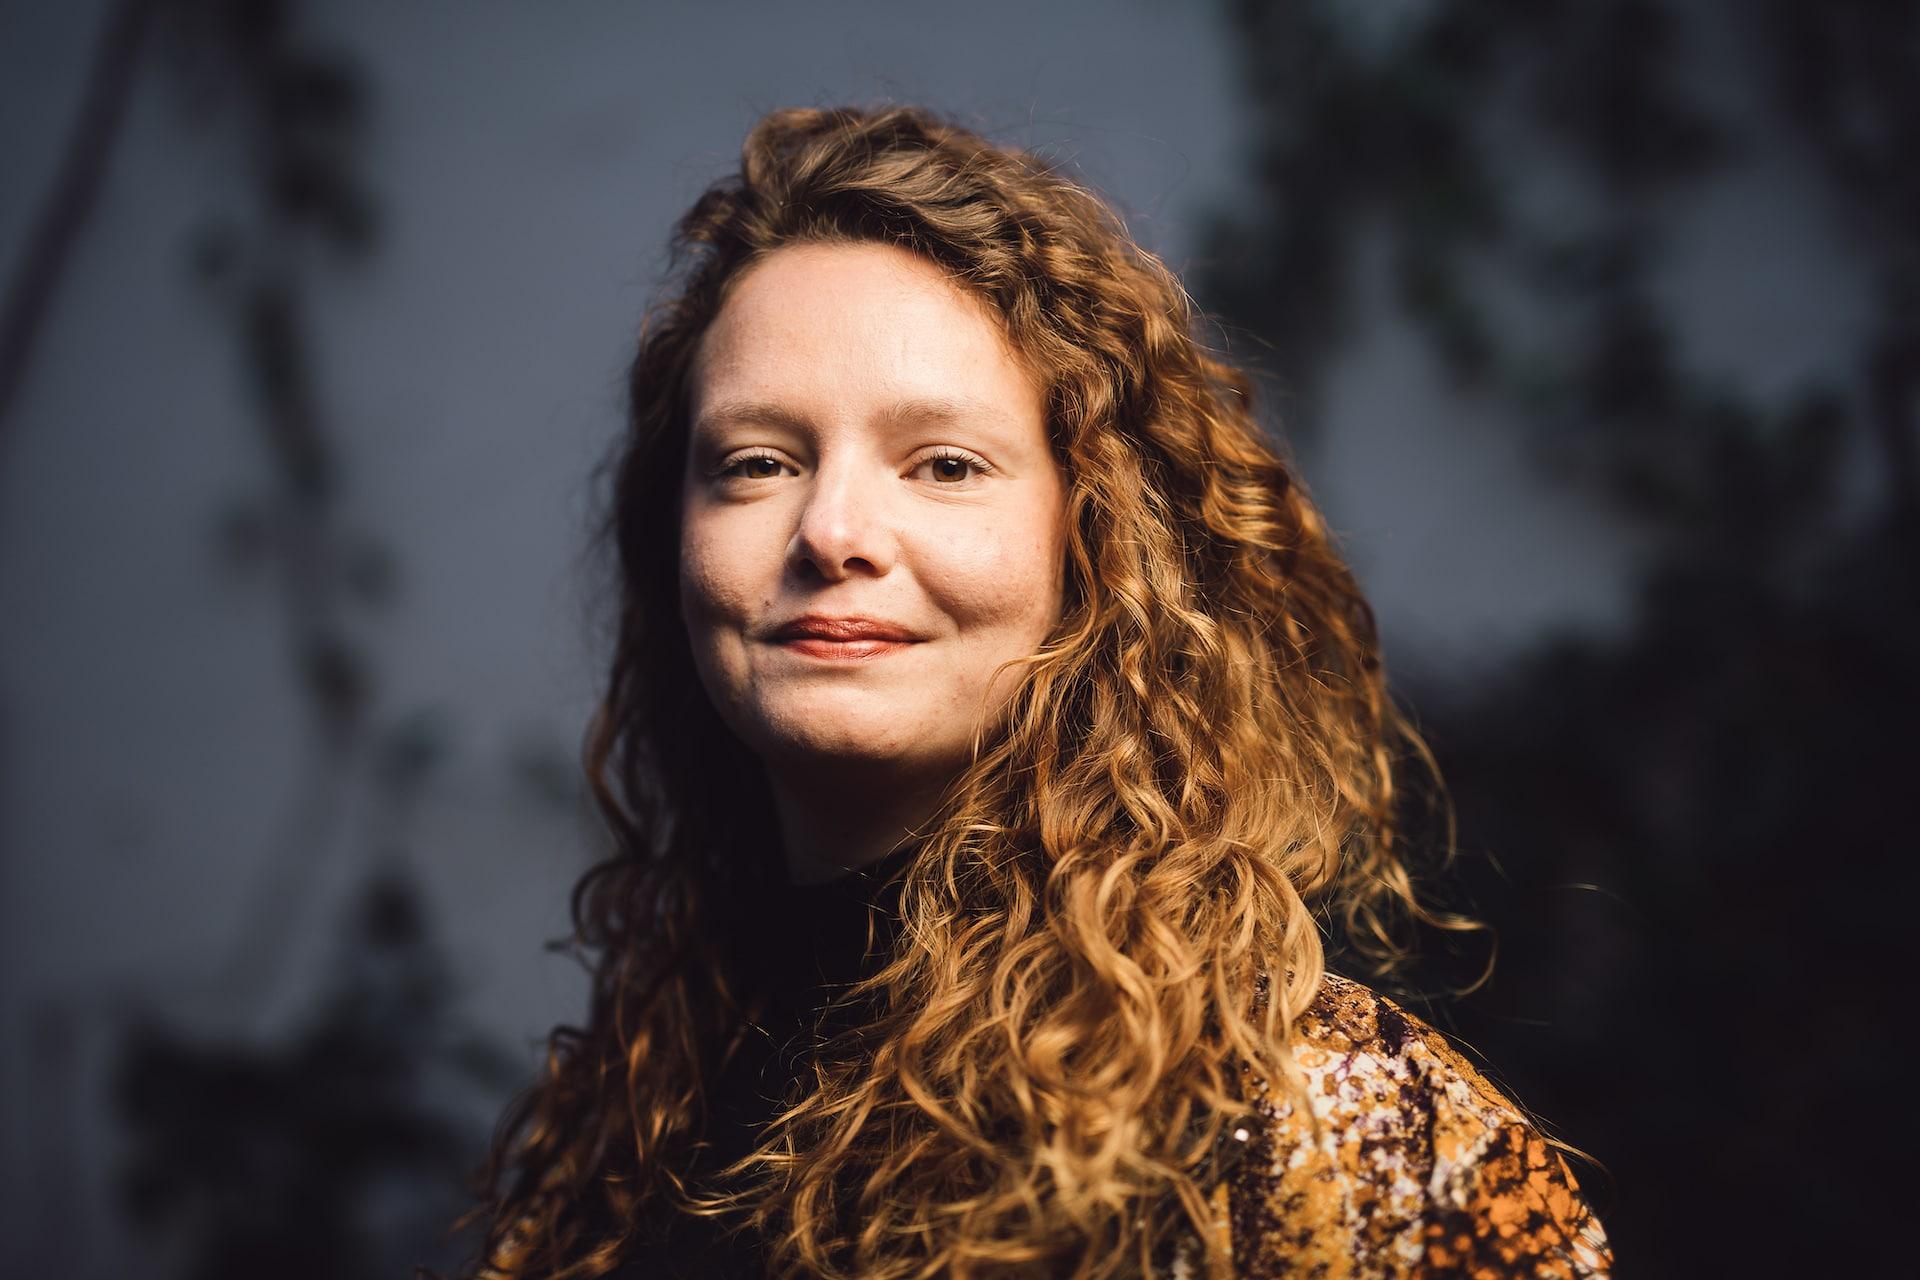 Clara Martot